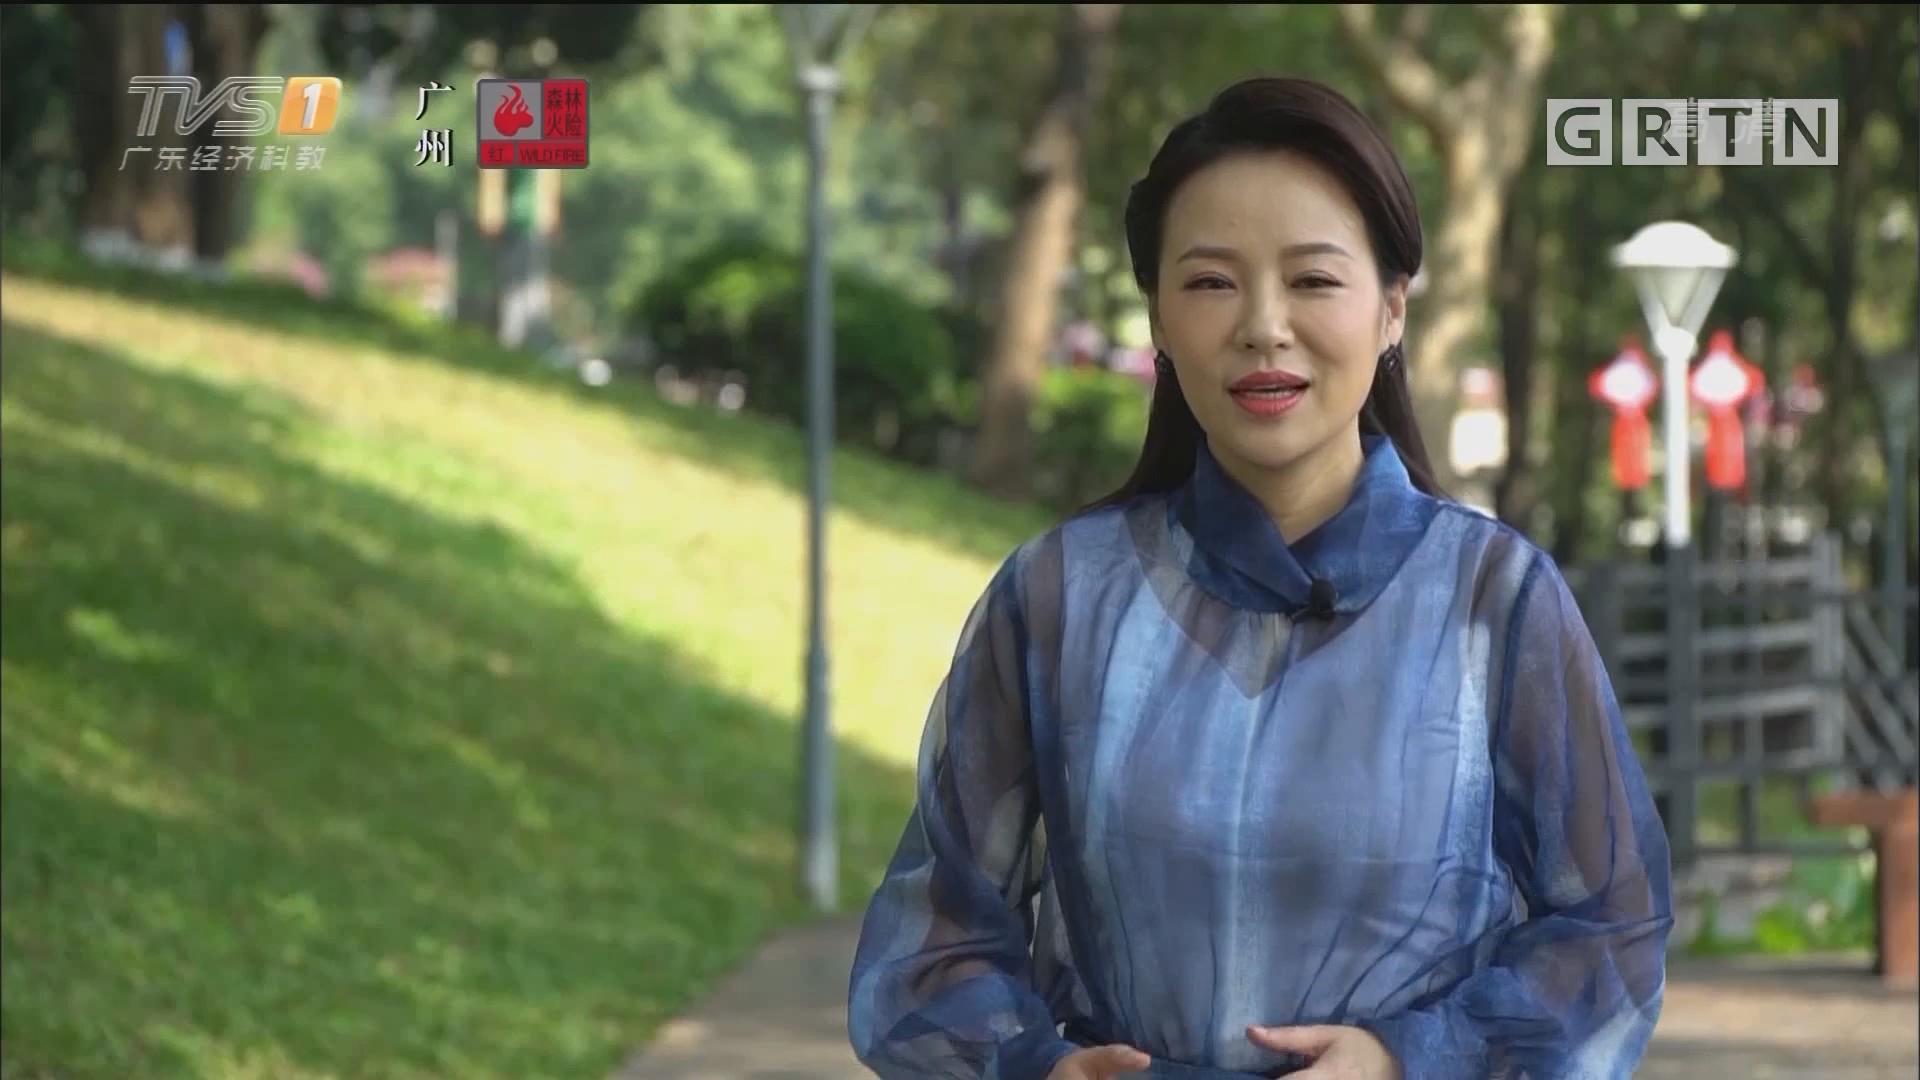 [HD][2019-11-30]风云粤商:从农家女到慈善家 人生七十 奋斗不止